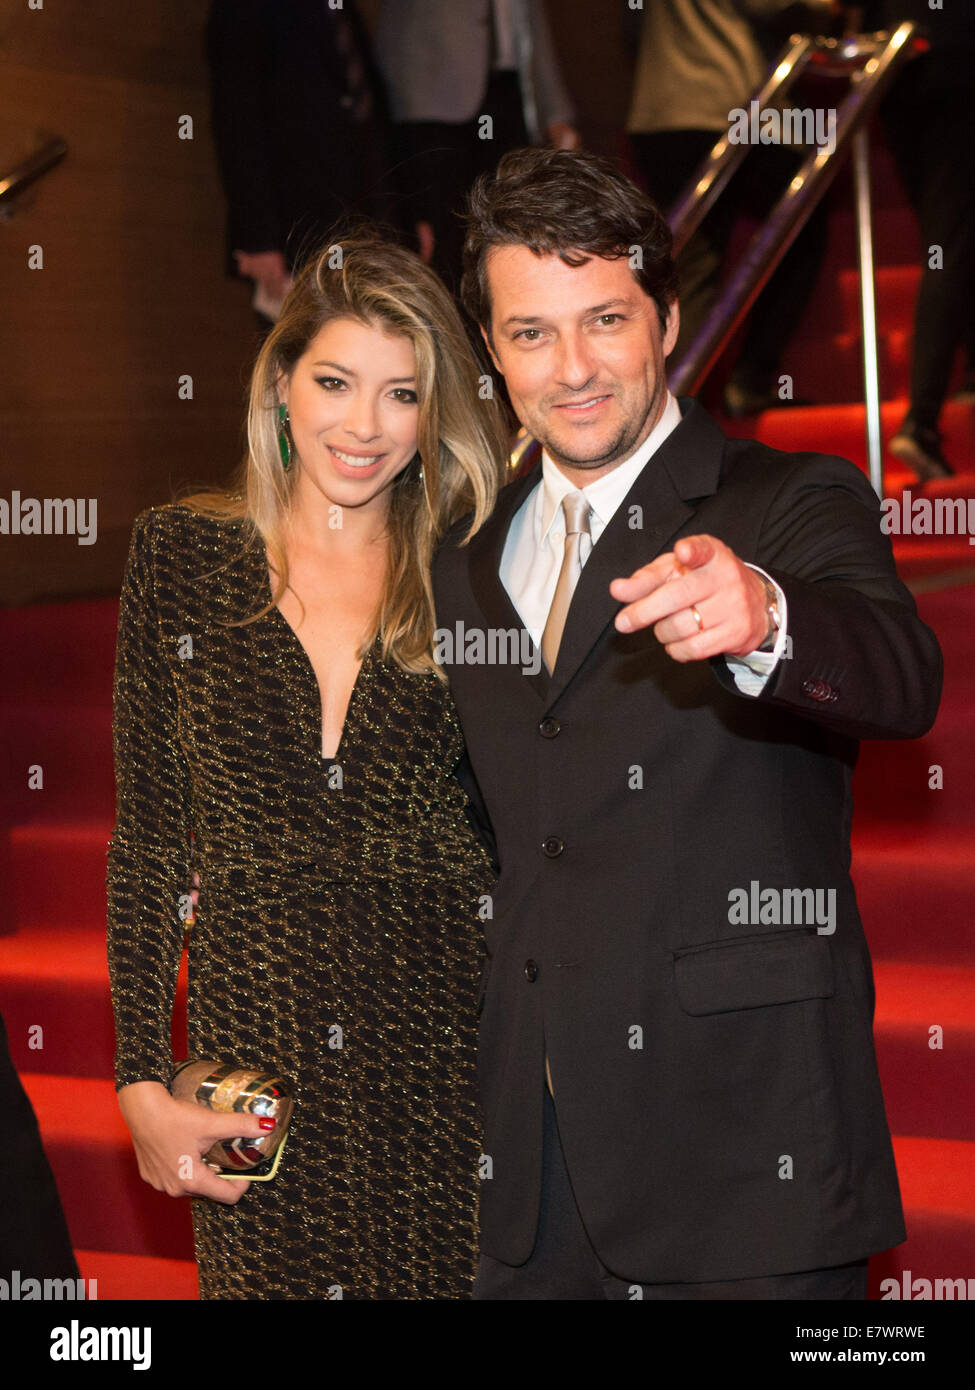 Rio De Janeiro, Brazil. 24th Sep, 2014. Brazilian actor Marcelo Serrado and his wife Roberta Fernandes pose on the - Stock Image